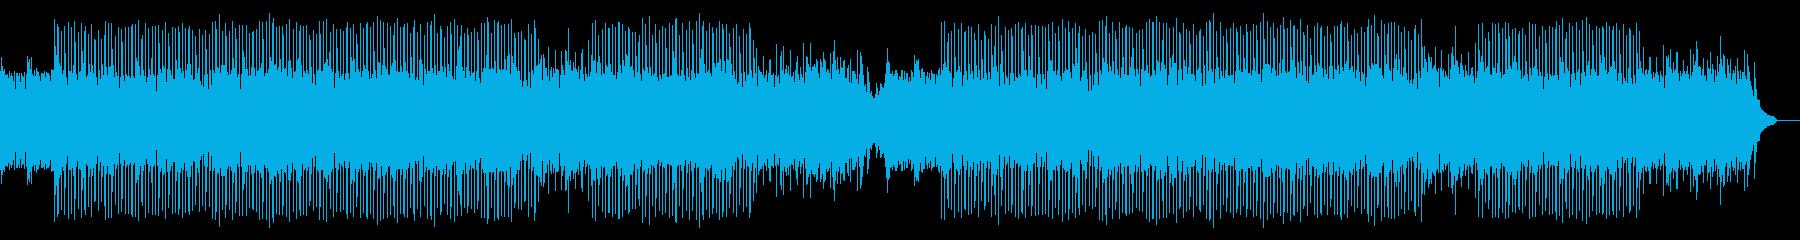 ポジティブで軽快/希望に満ちた曲_1の再生済みの波形